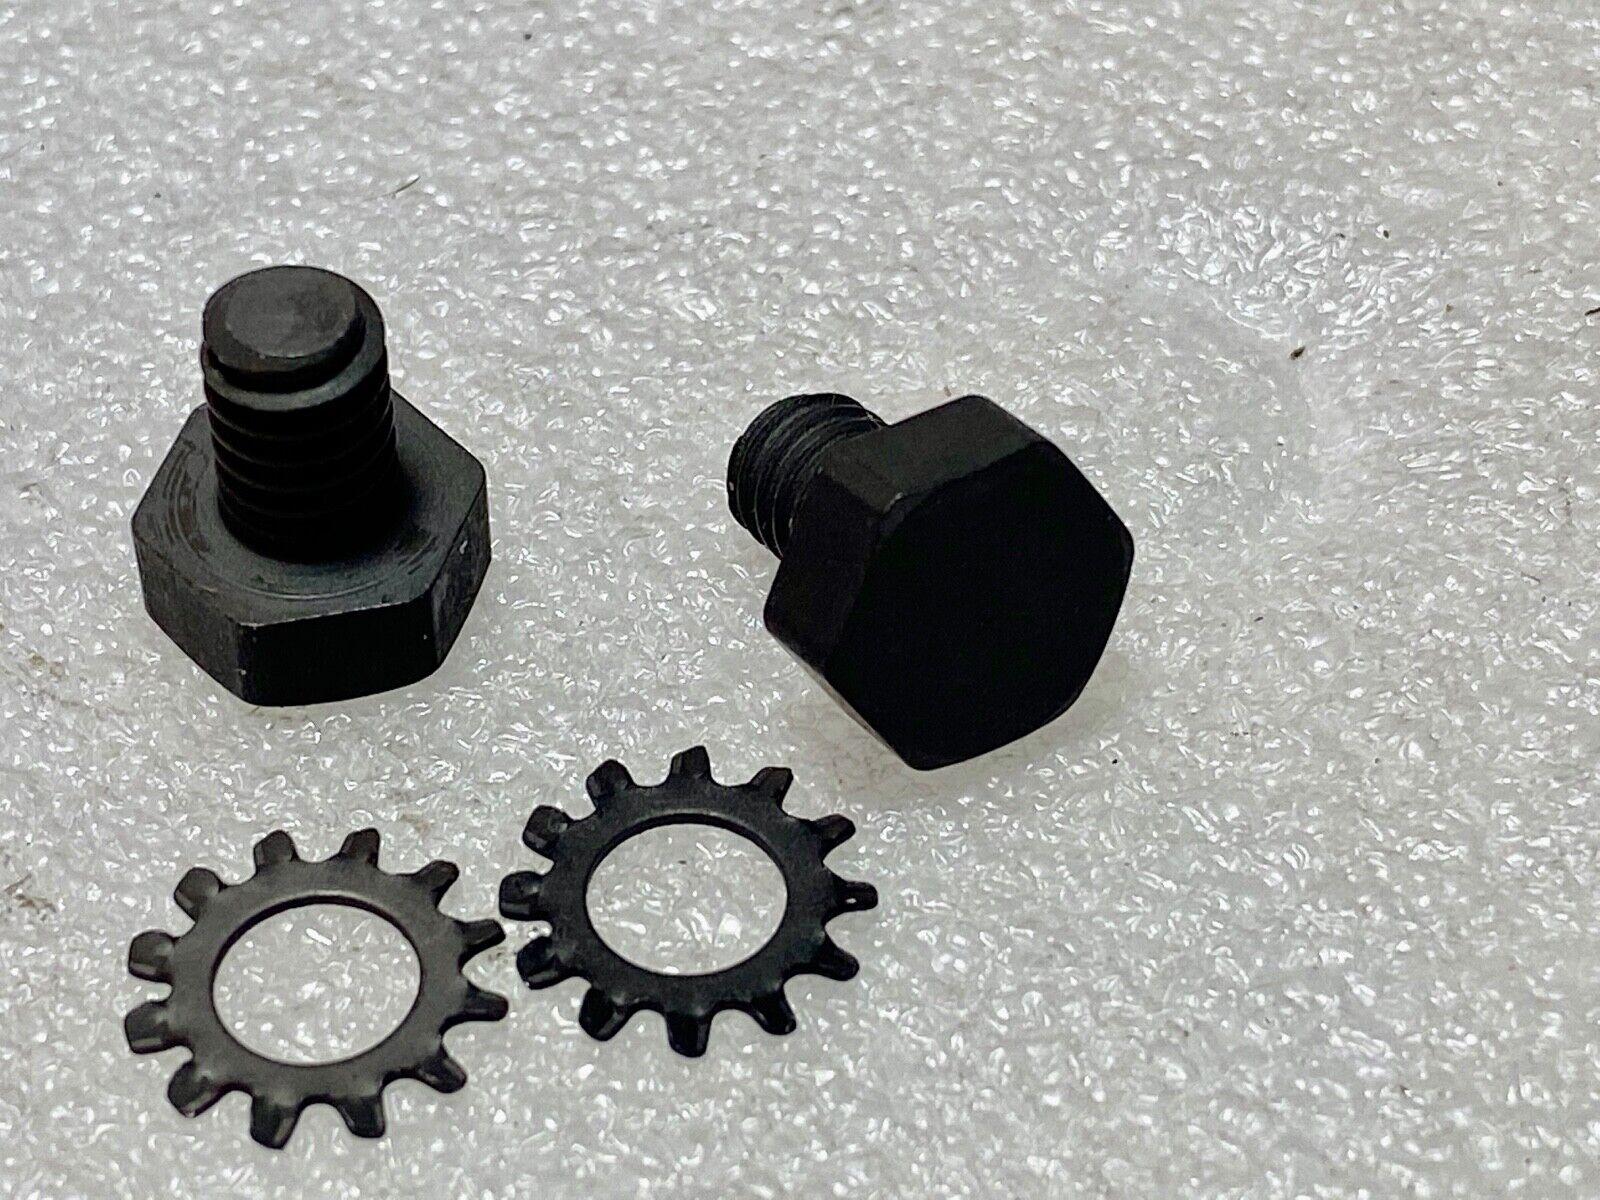 Harley LE CLE Side Car Sidecar Wheel Cylinder Mount Kit